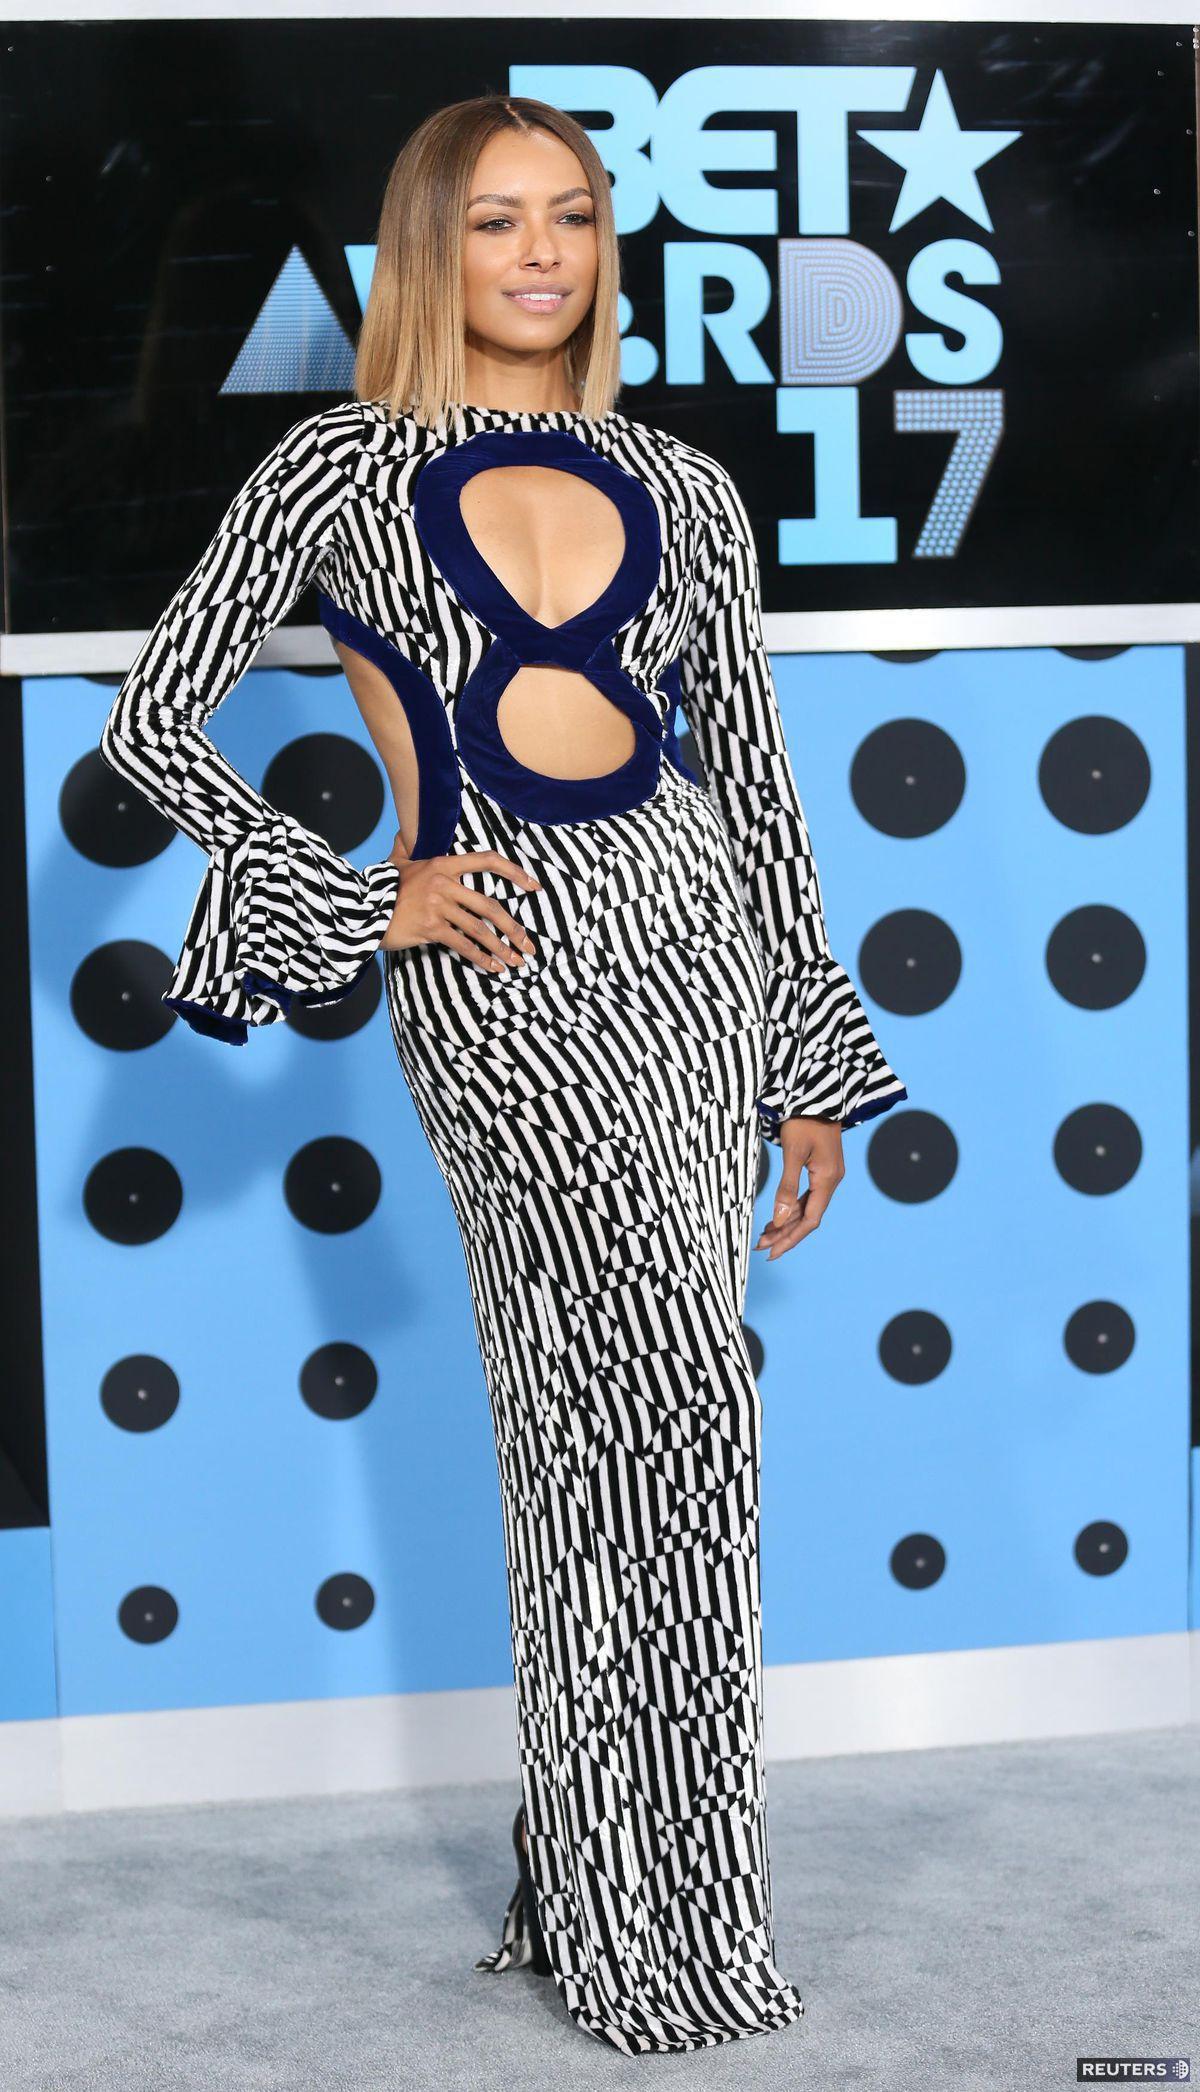 Herečka Kat Graham volila netradičné šaty.